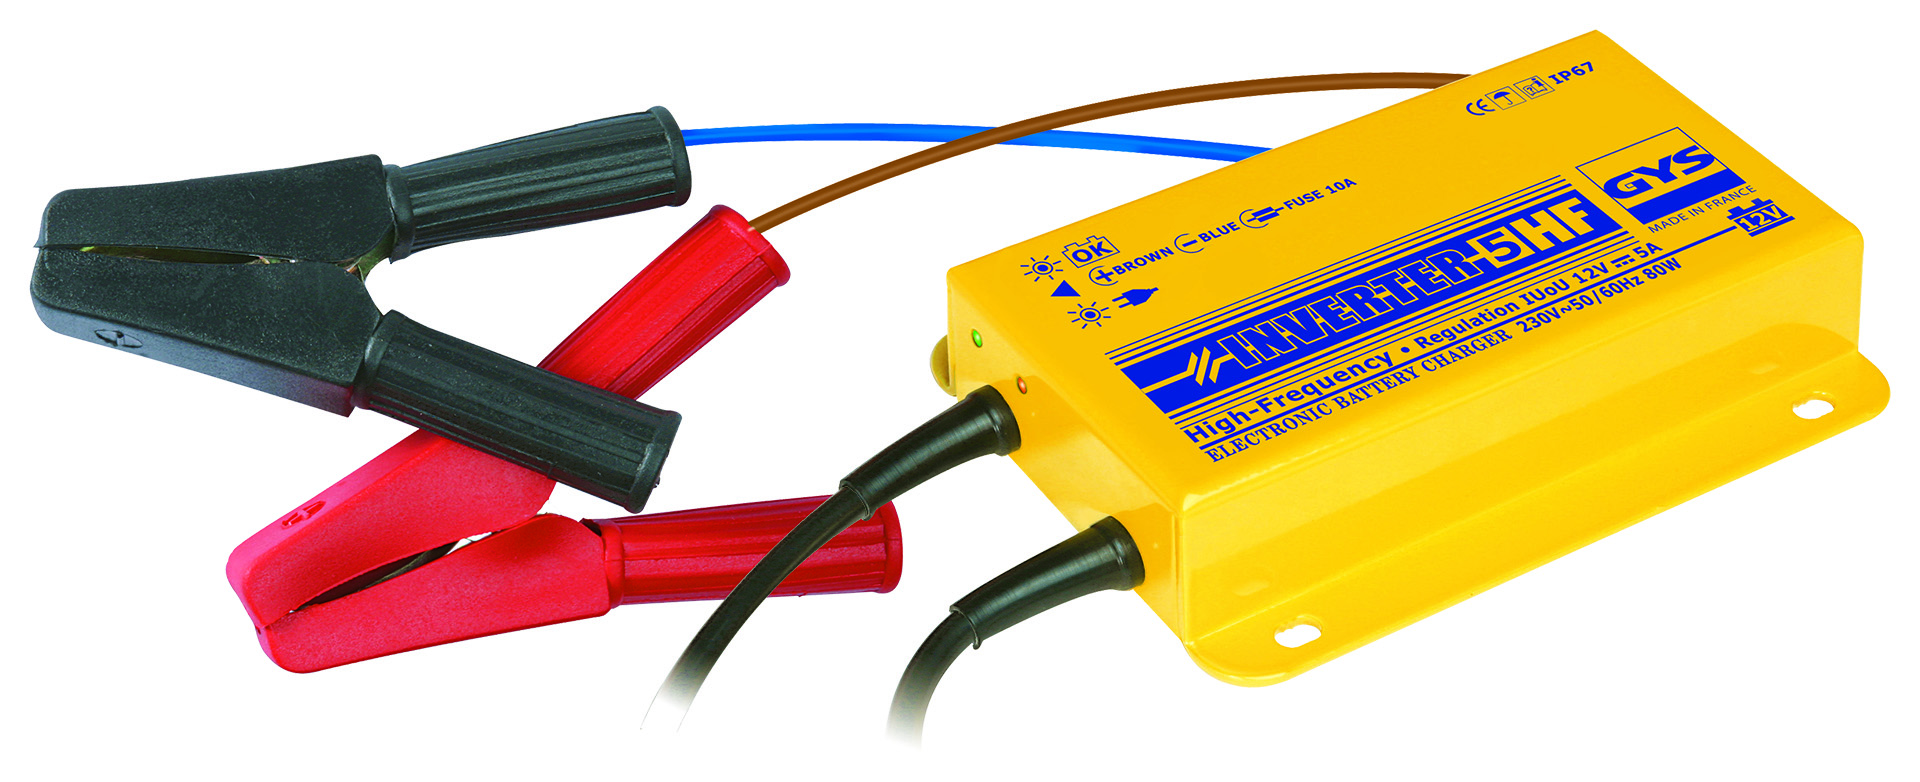 GYS INVERTER 5 HF inverteres akkumulátortöltõ